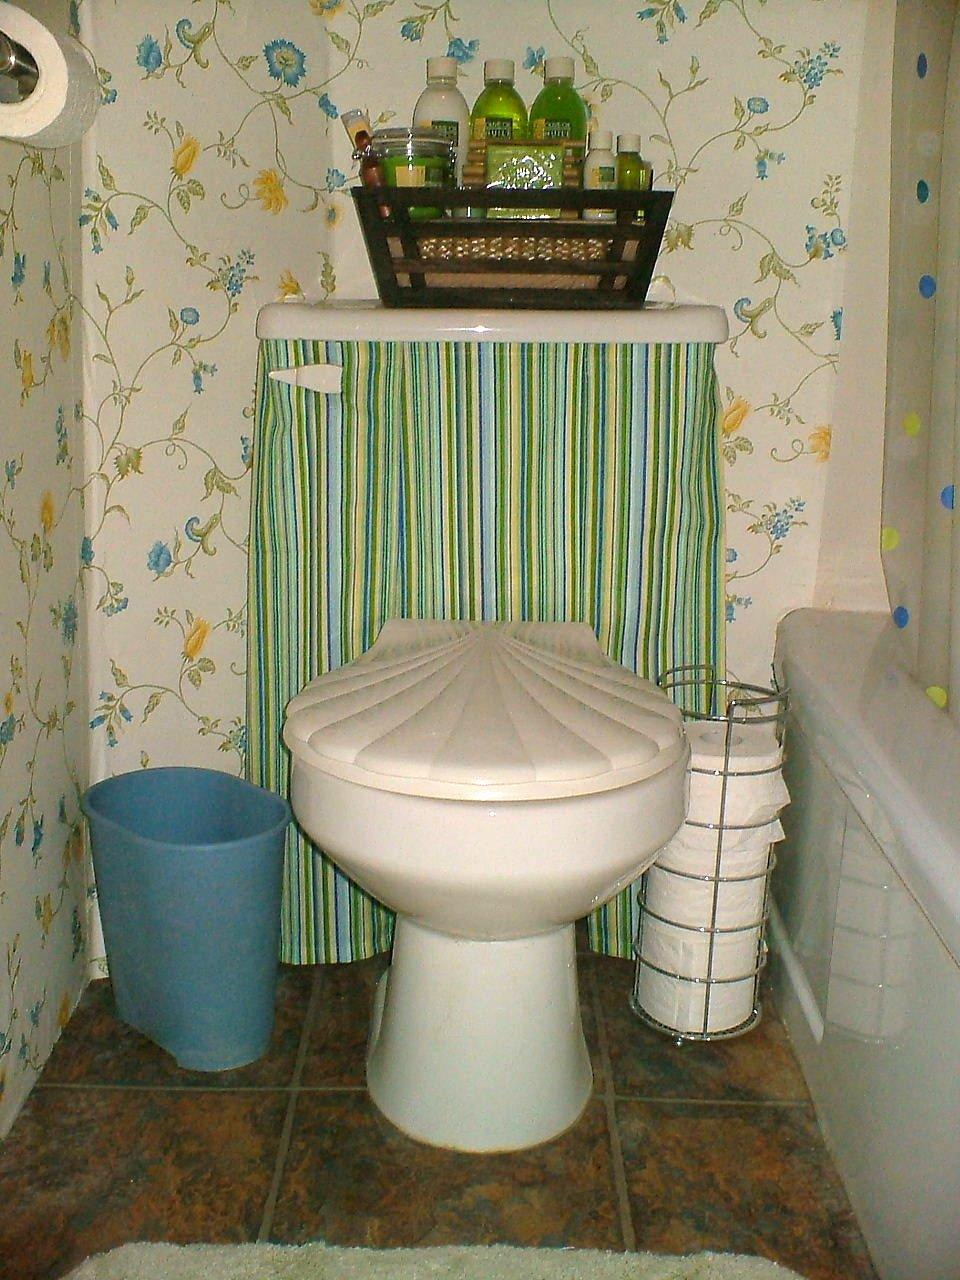 Skirt Toilet 115